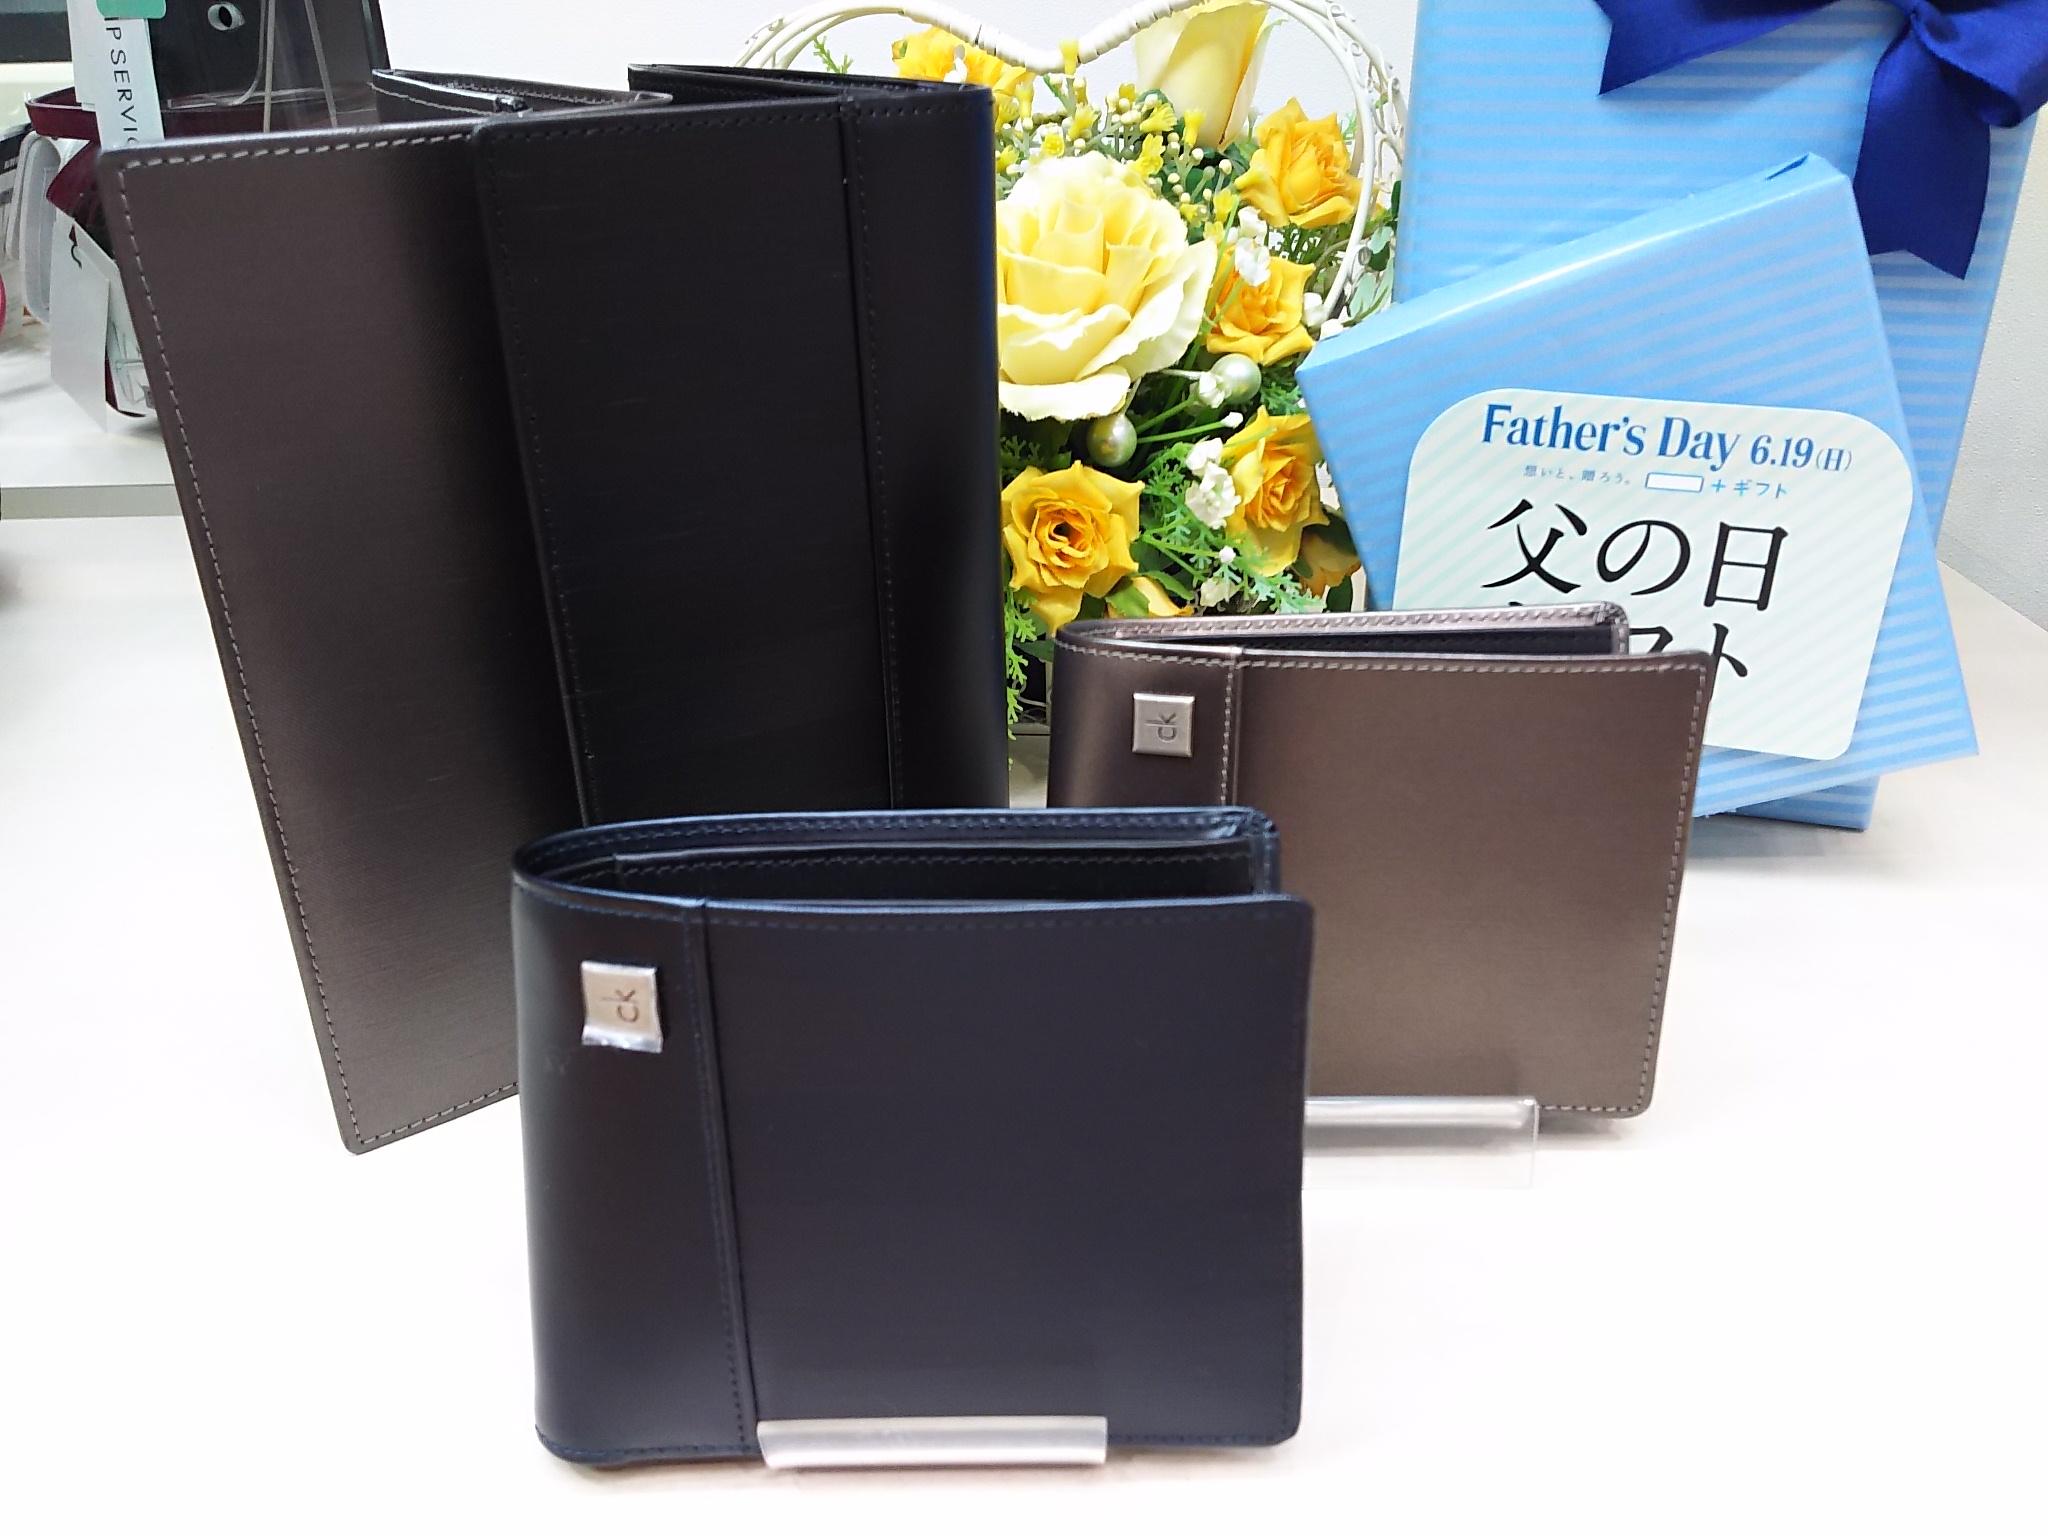 山形フジタ南店より父の日のギフトにオススメ「Calvin klein」財布をいくつかご紹介!